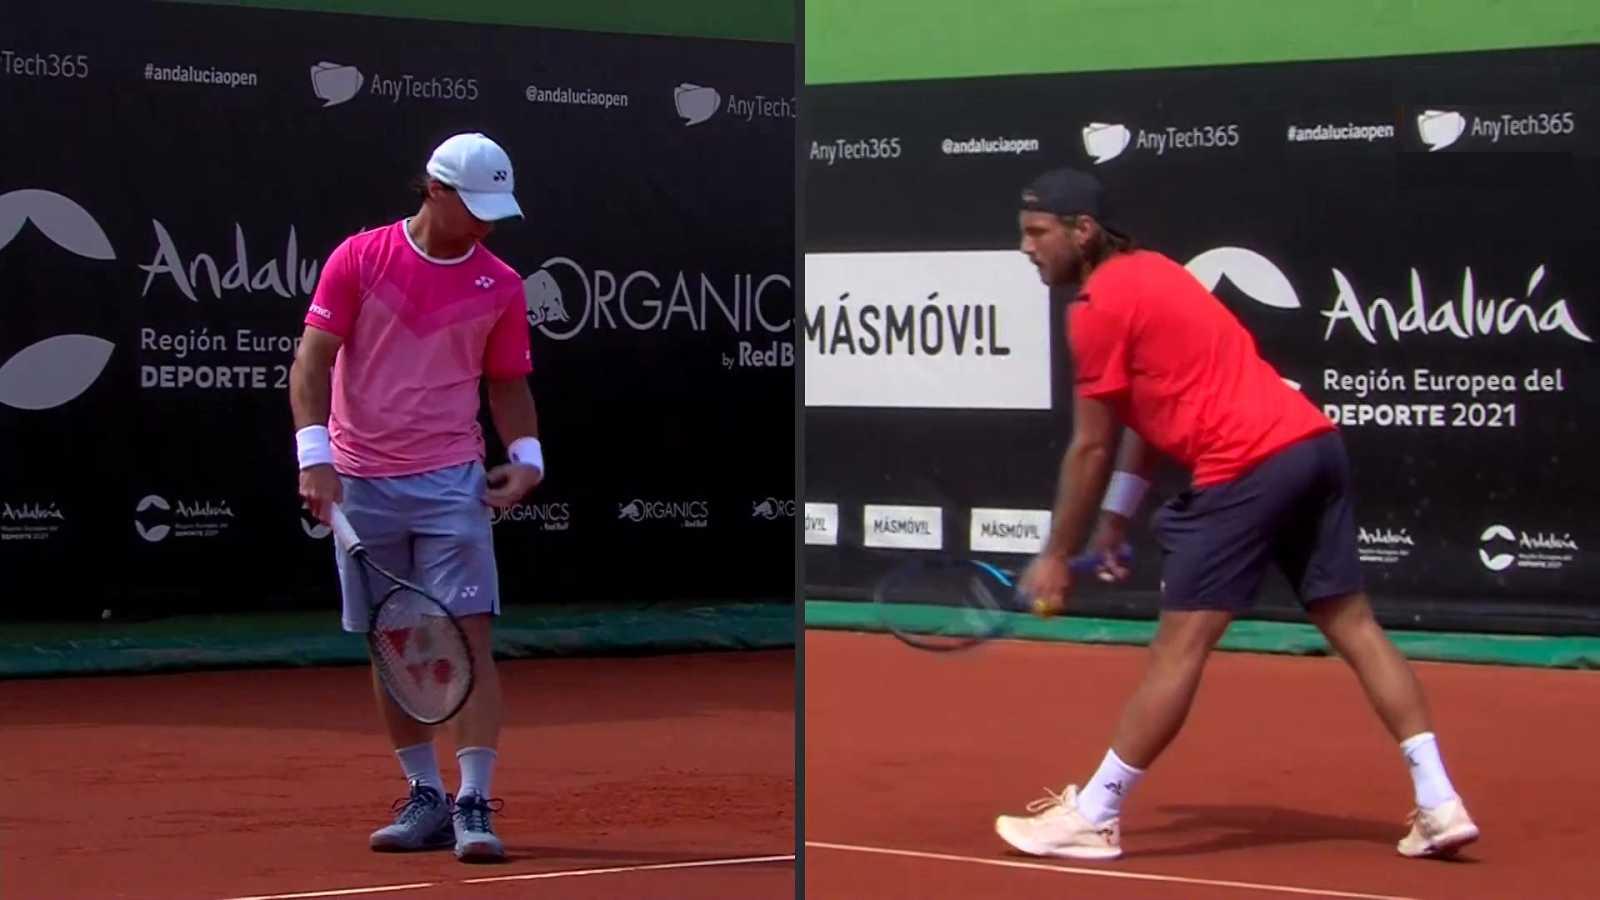 Tenis - ATP 250 Torneo Marbella: L. Pouille - R. Berankis - ver ahora